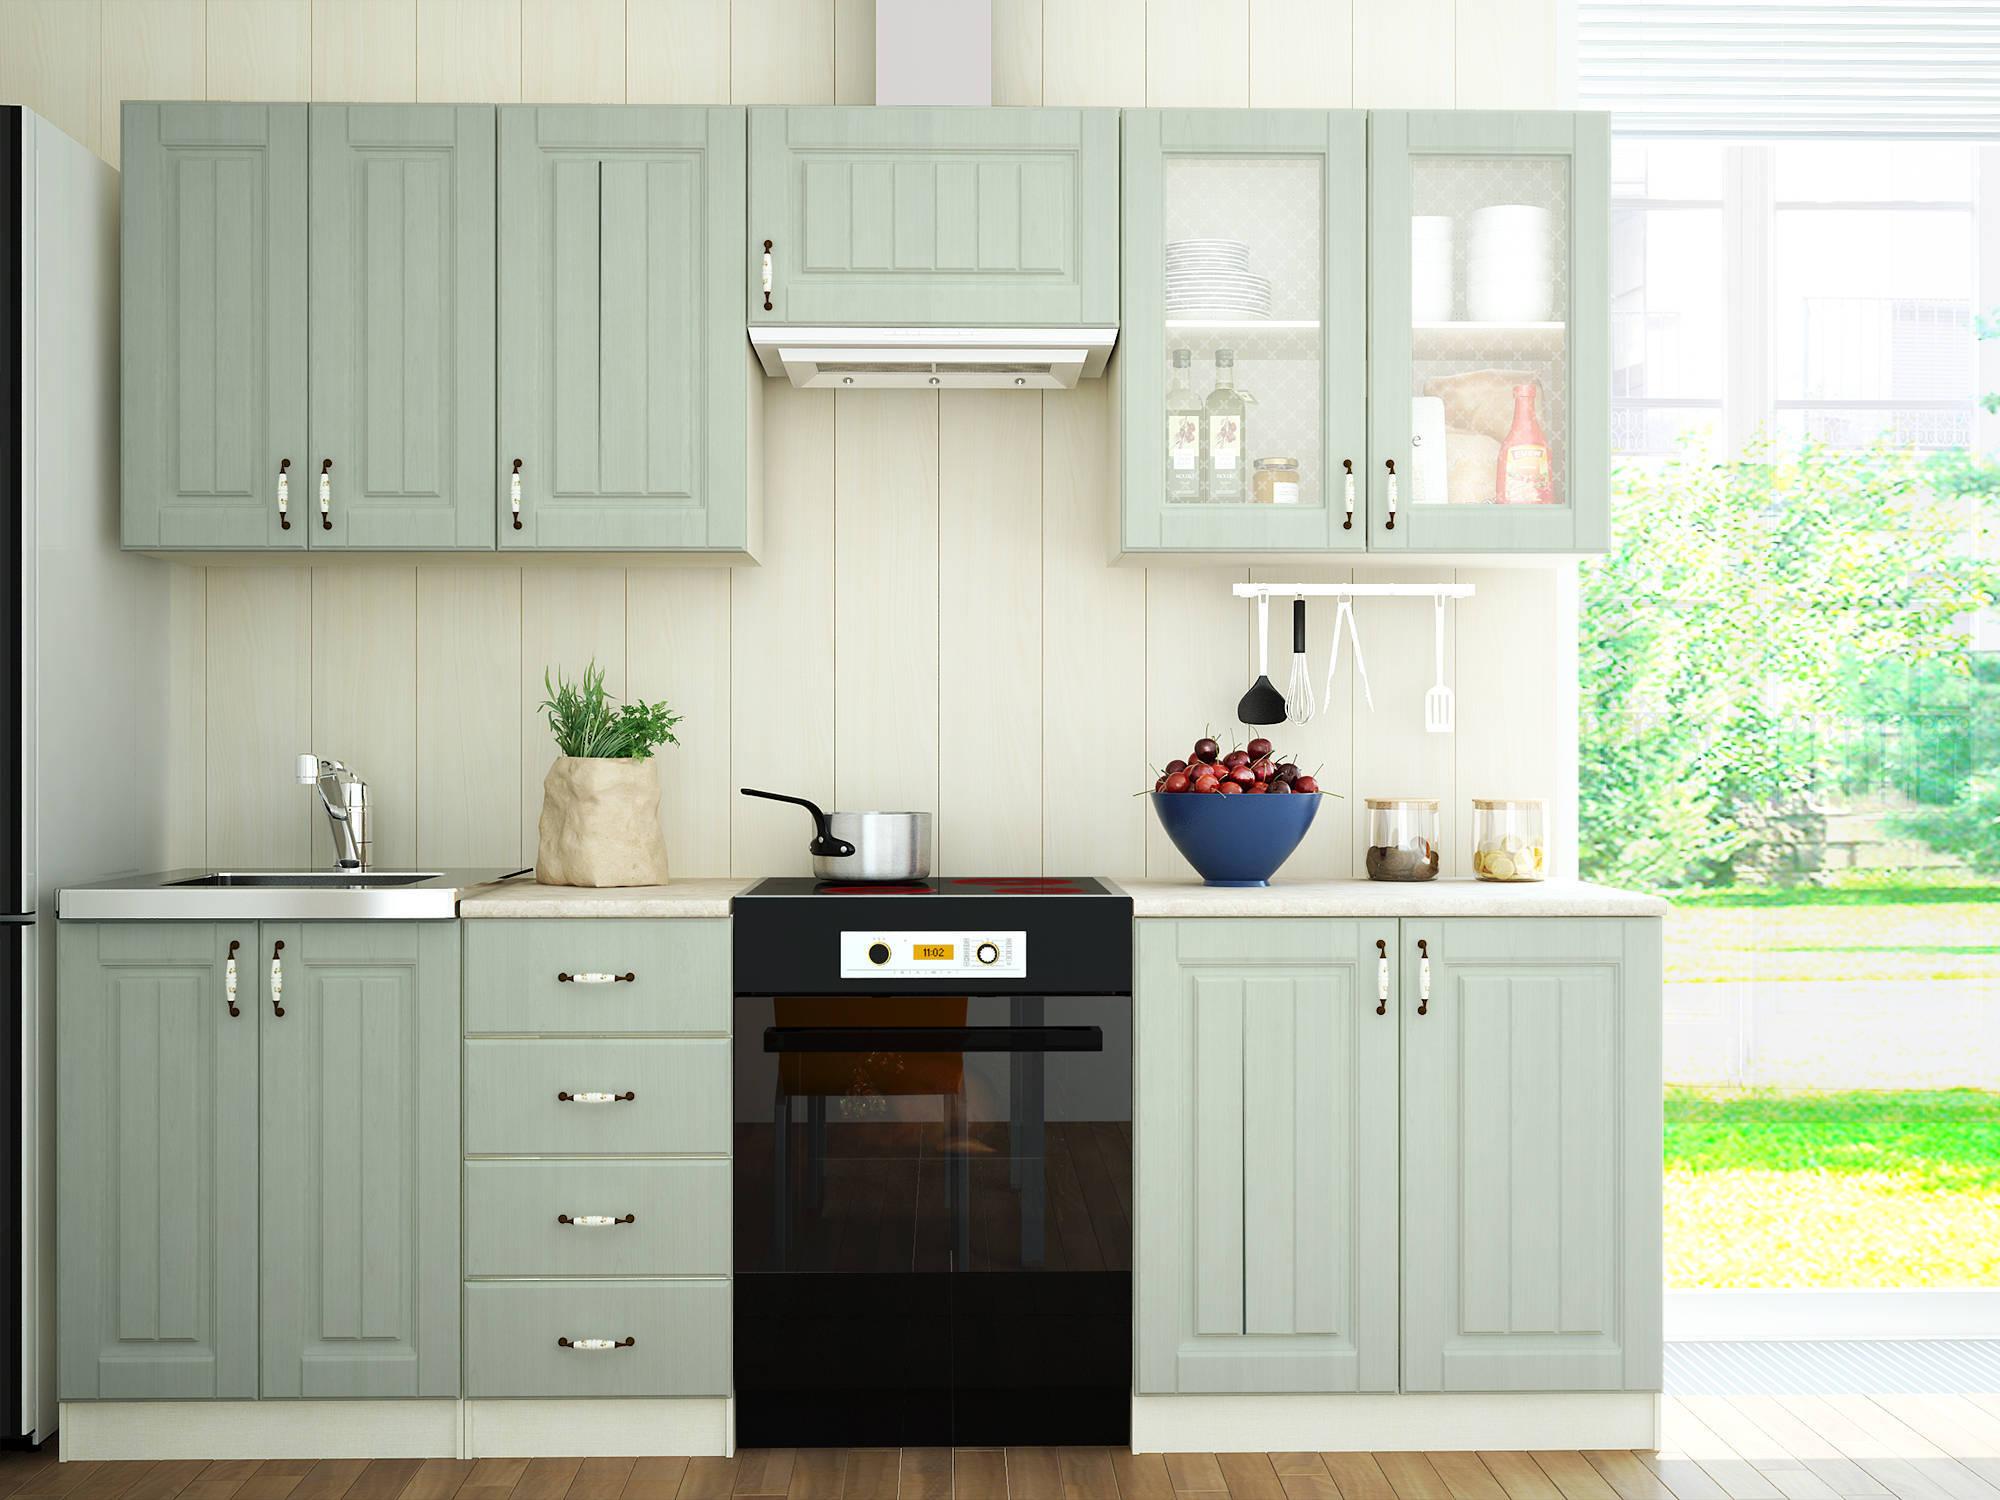 Кухни эконом-класса - особенности недорогой мебели картинки